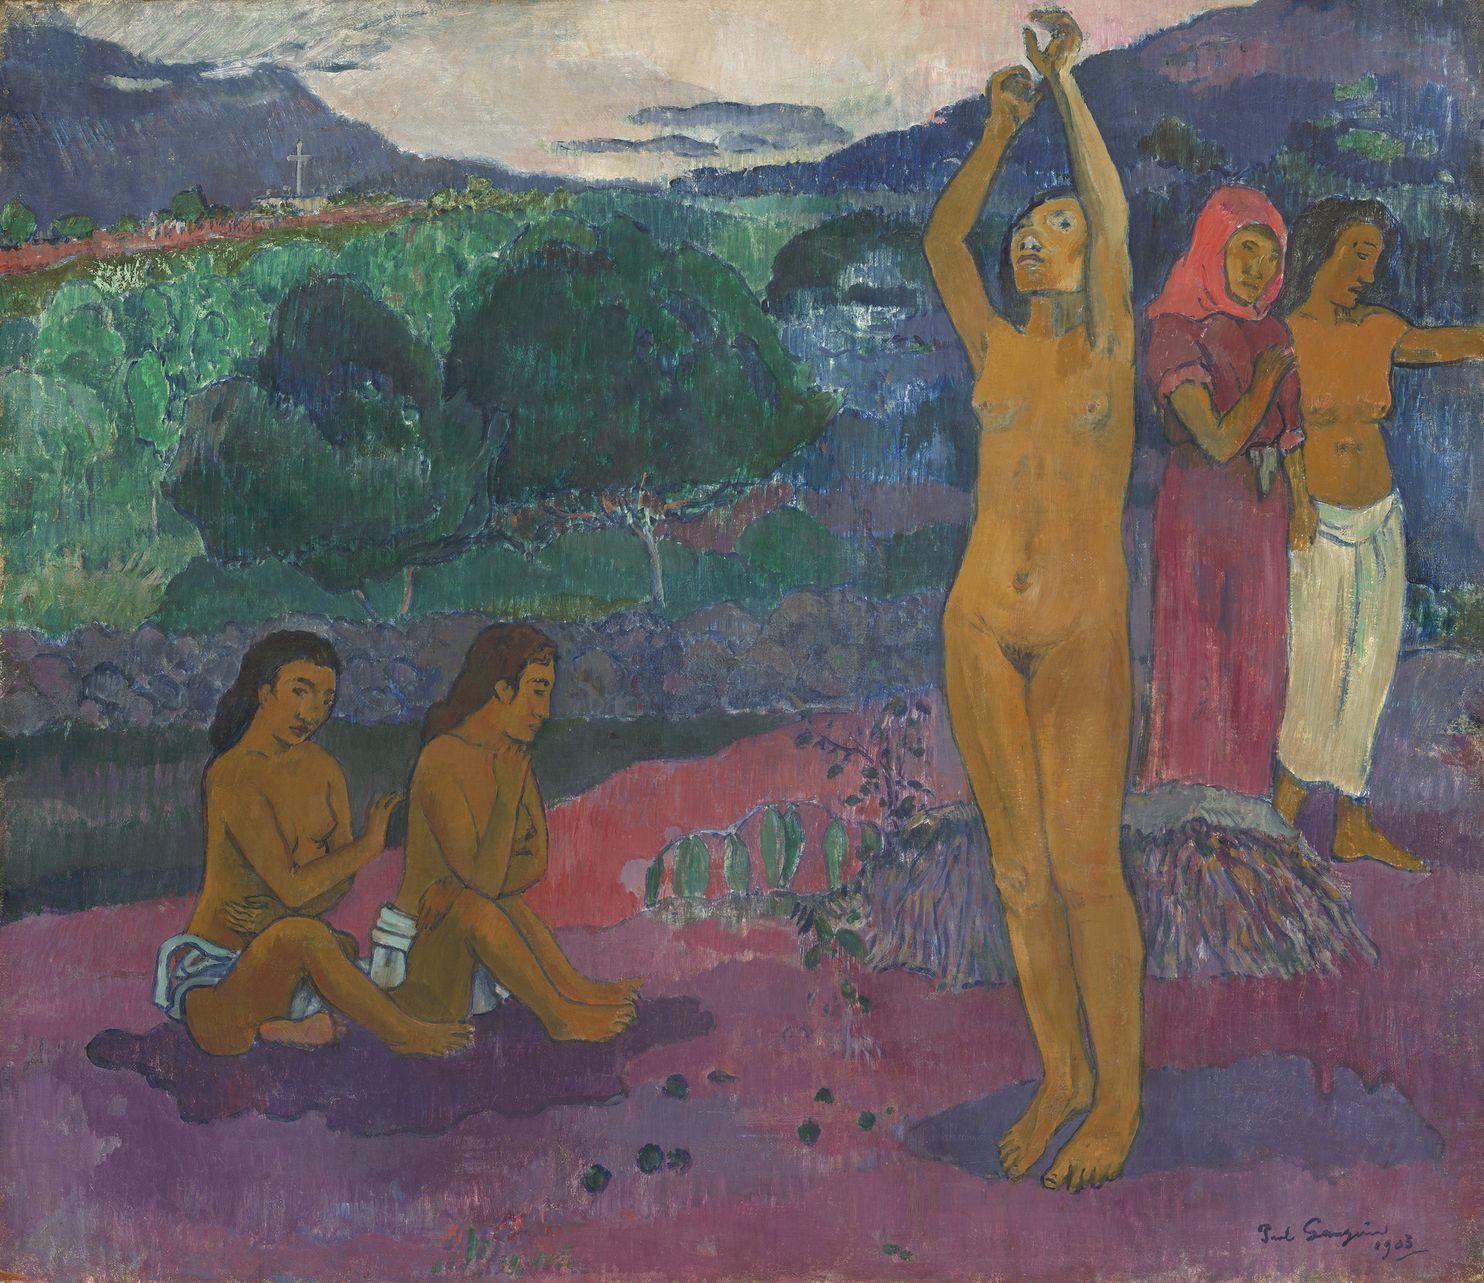 保罗·高更《祈愿》(The Invocation,1903),华盛顿国家美术馆收藏